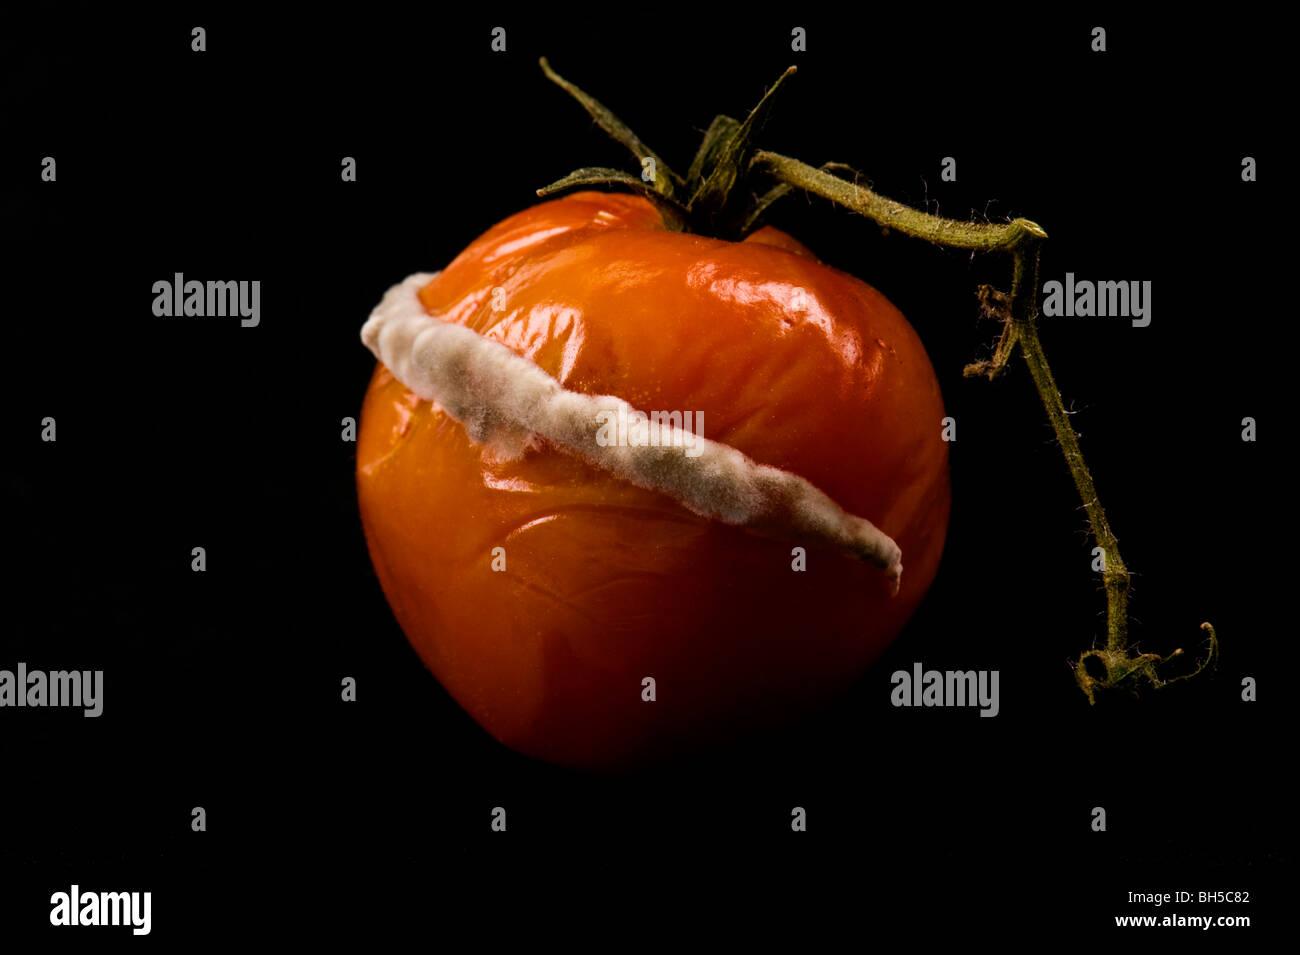 Oidio su pomodoro stampo deve funghi fungo stampo disturbo malattia fungina stampo muffa polverulente problema vista Immagini Stock